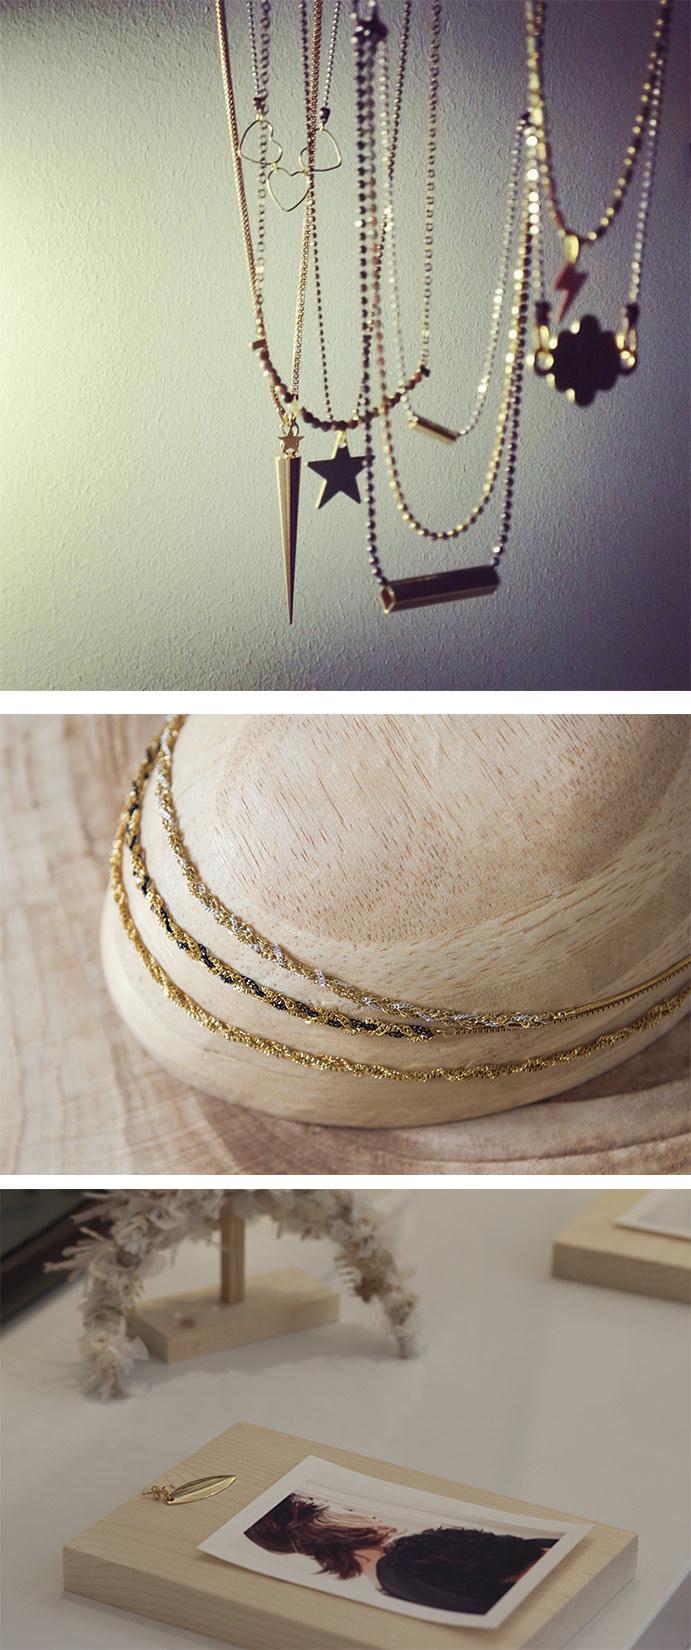 emebe-design-complementos-de-autor-www.weddingpassion.es-Coleccion-primavera-verano-2016--